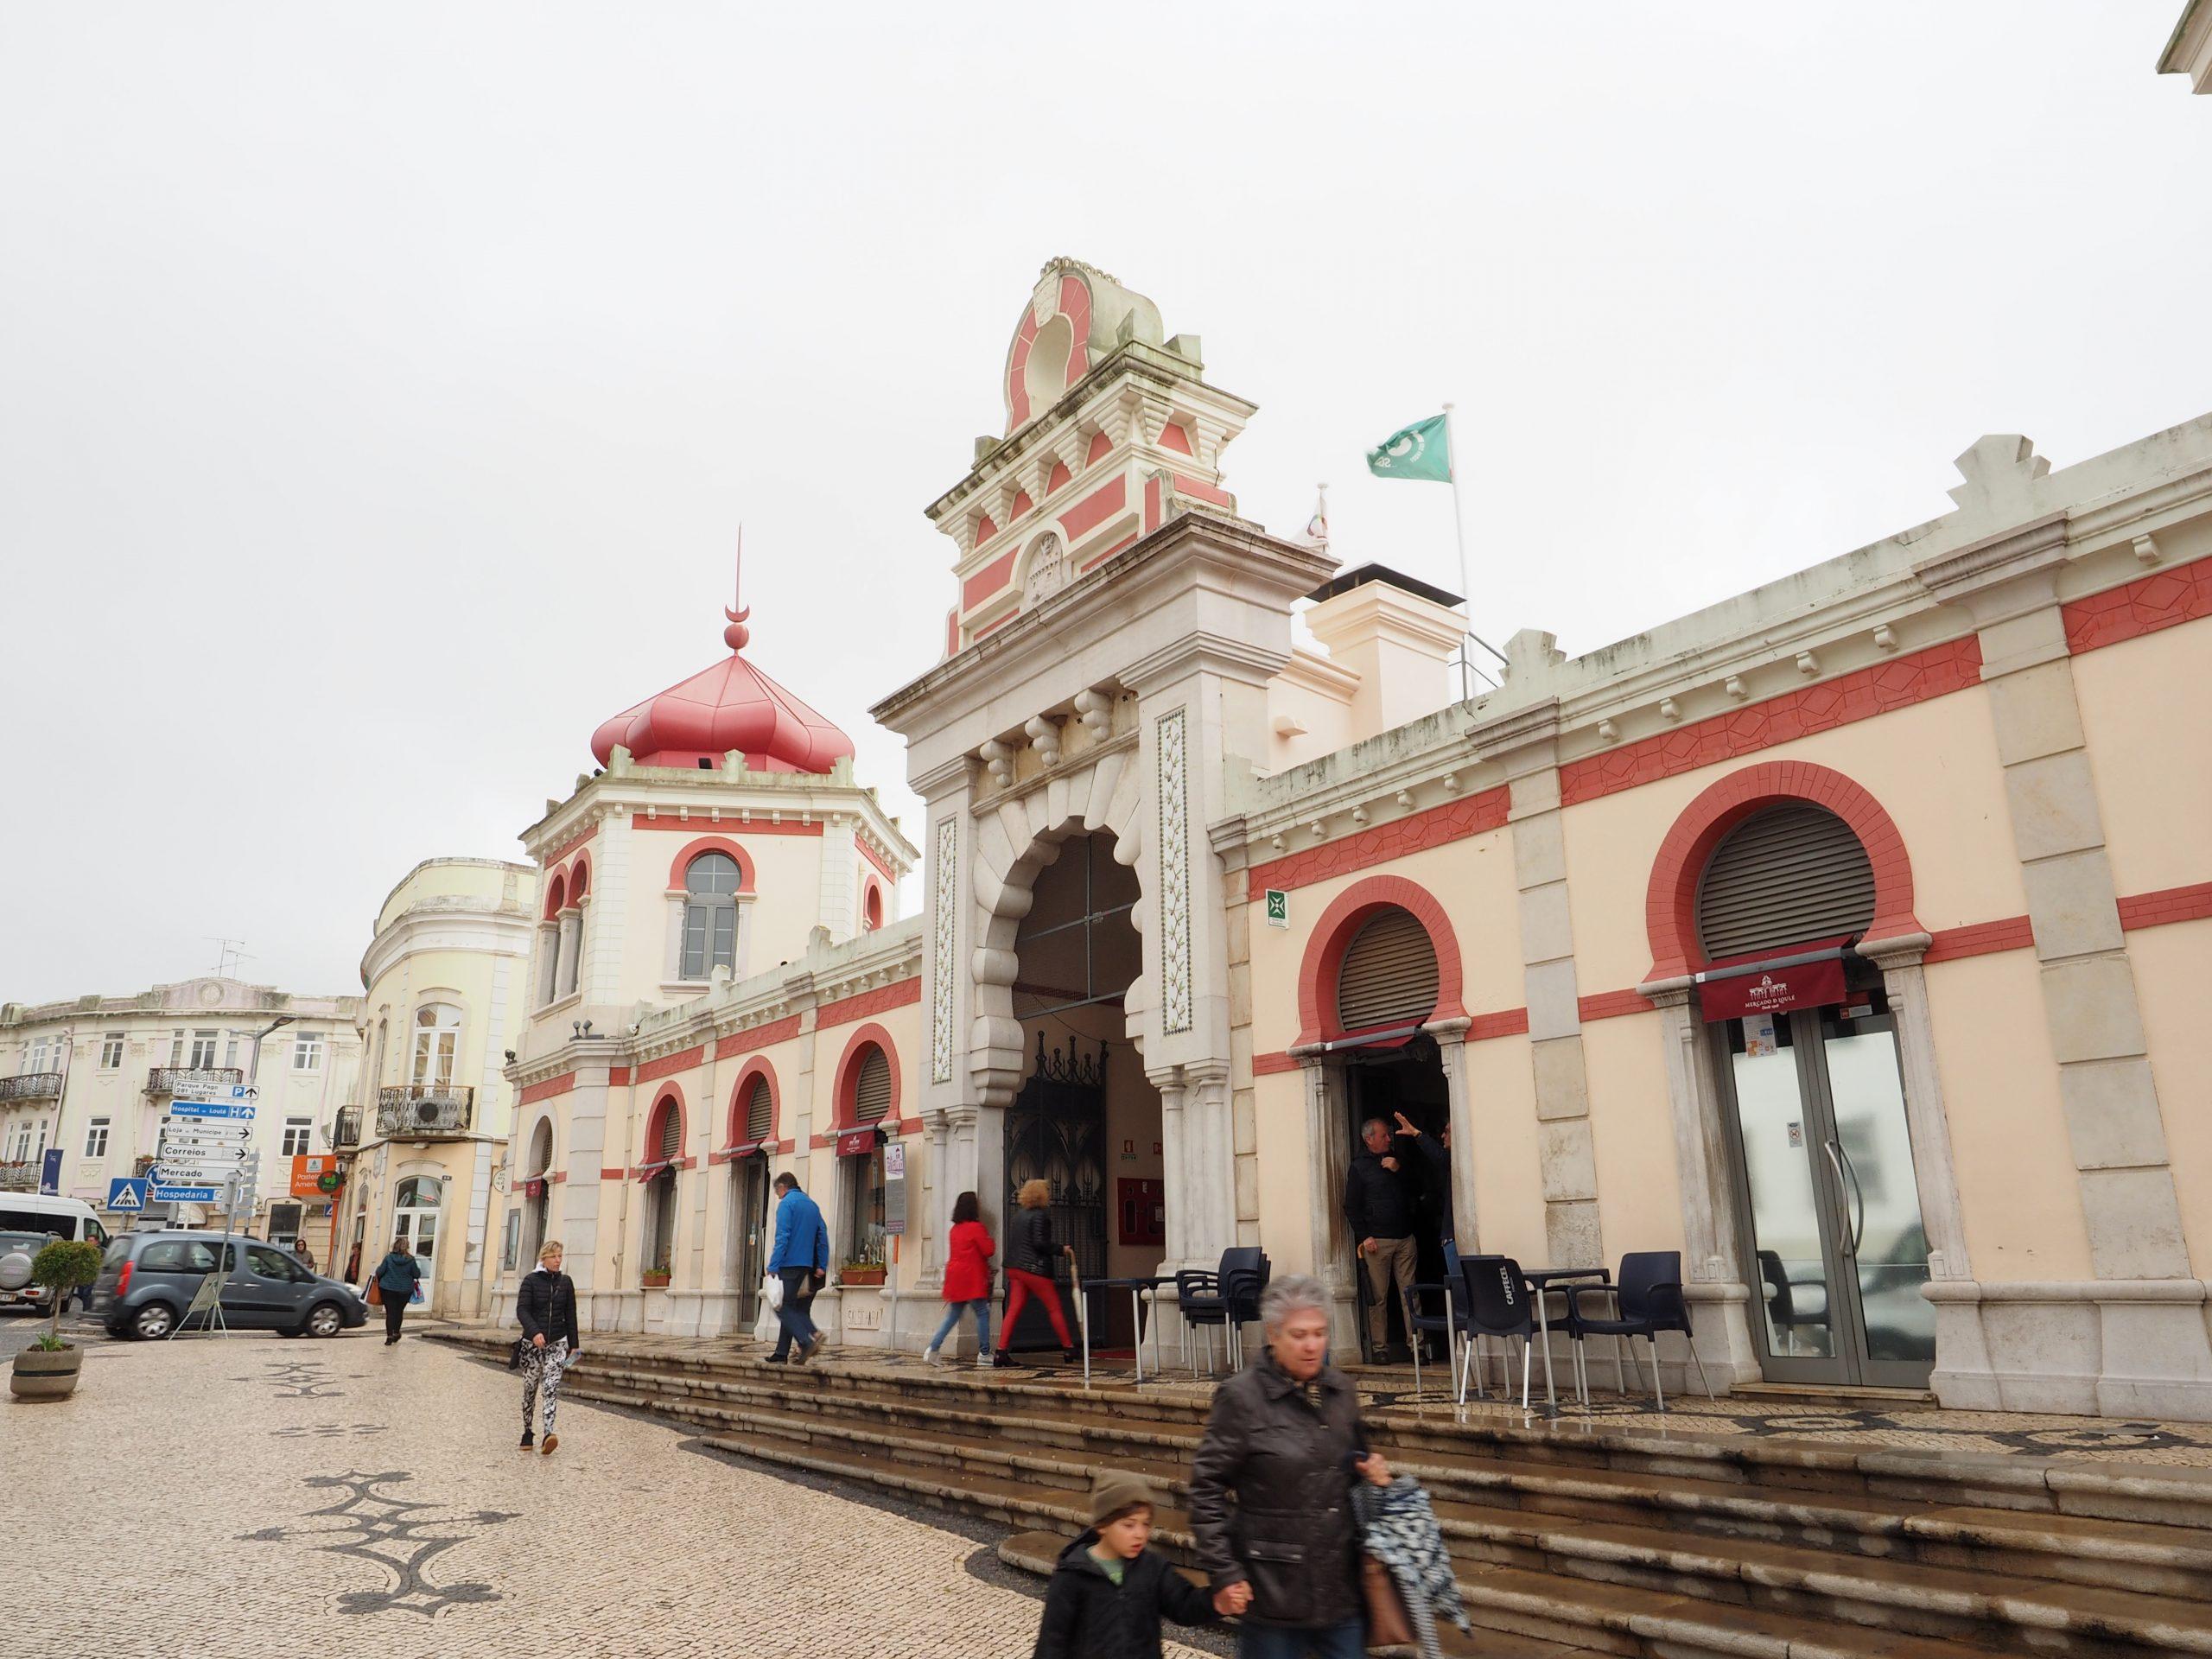 Loulè - borghi più caratteristici dell'Algarve